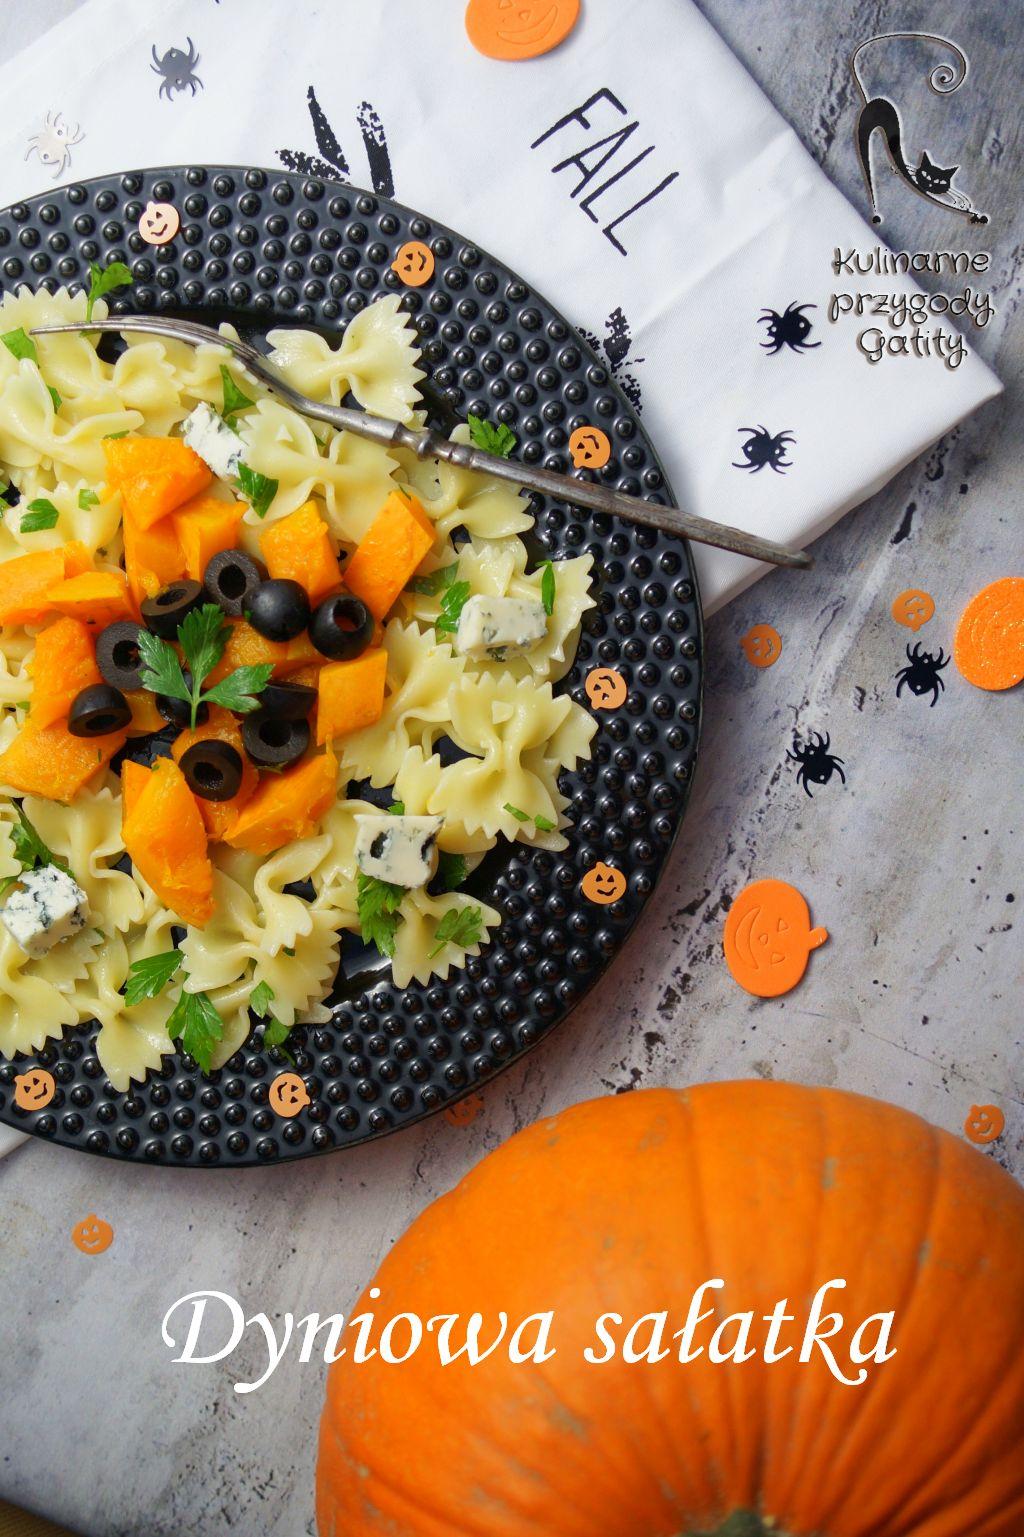 kolorowa-salatka-na-czarnym-talerzu